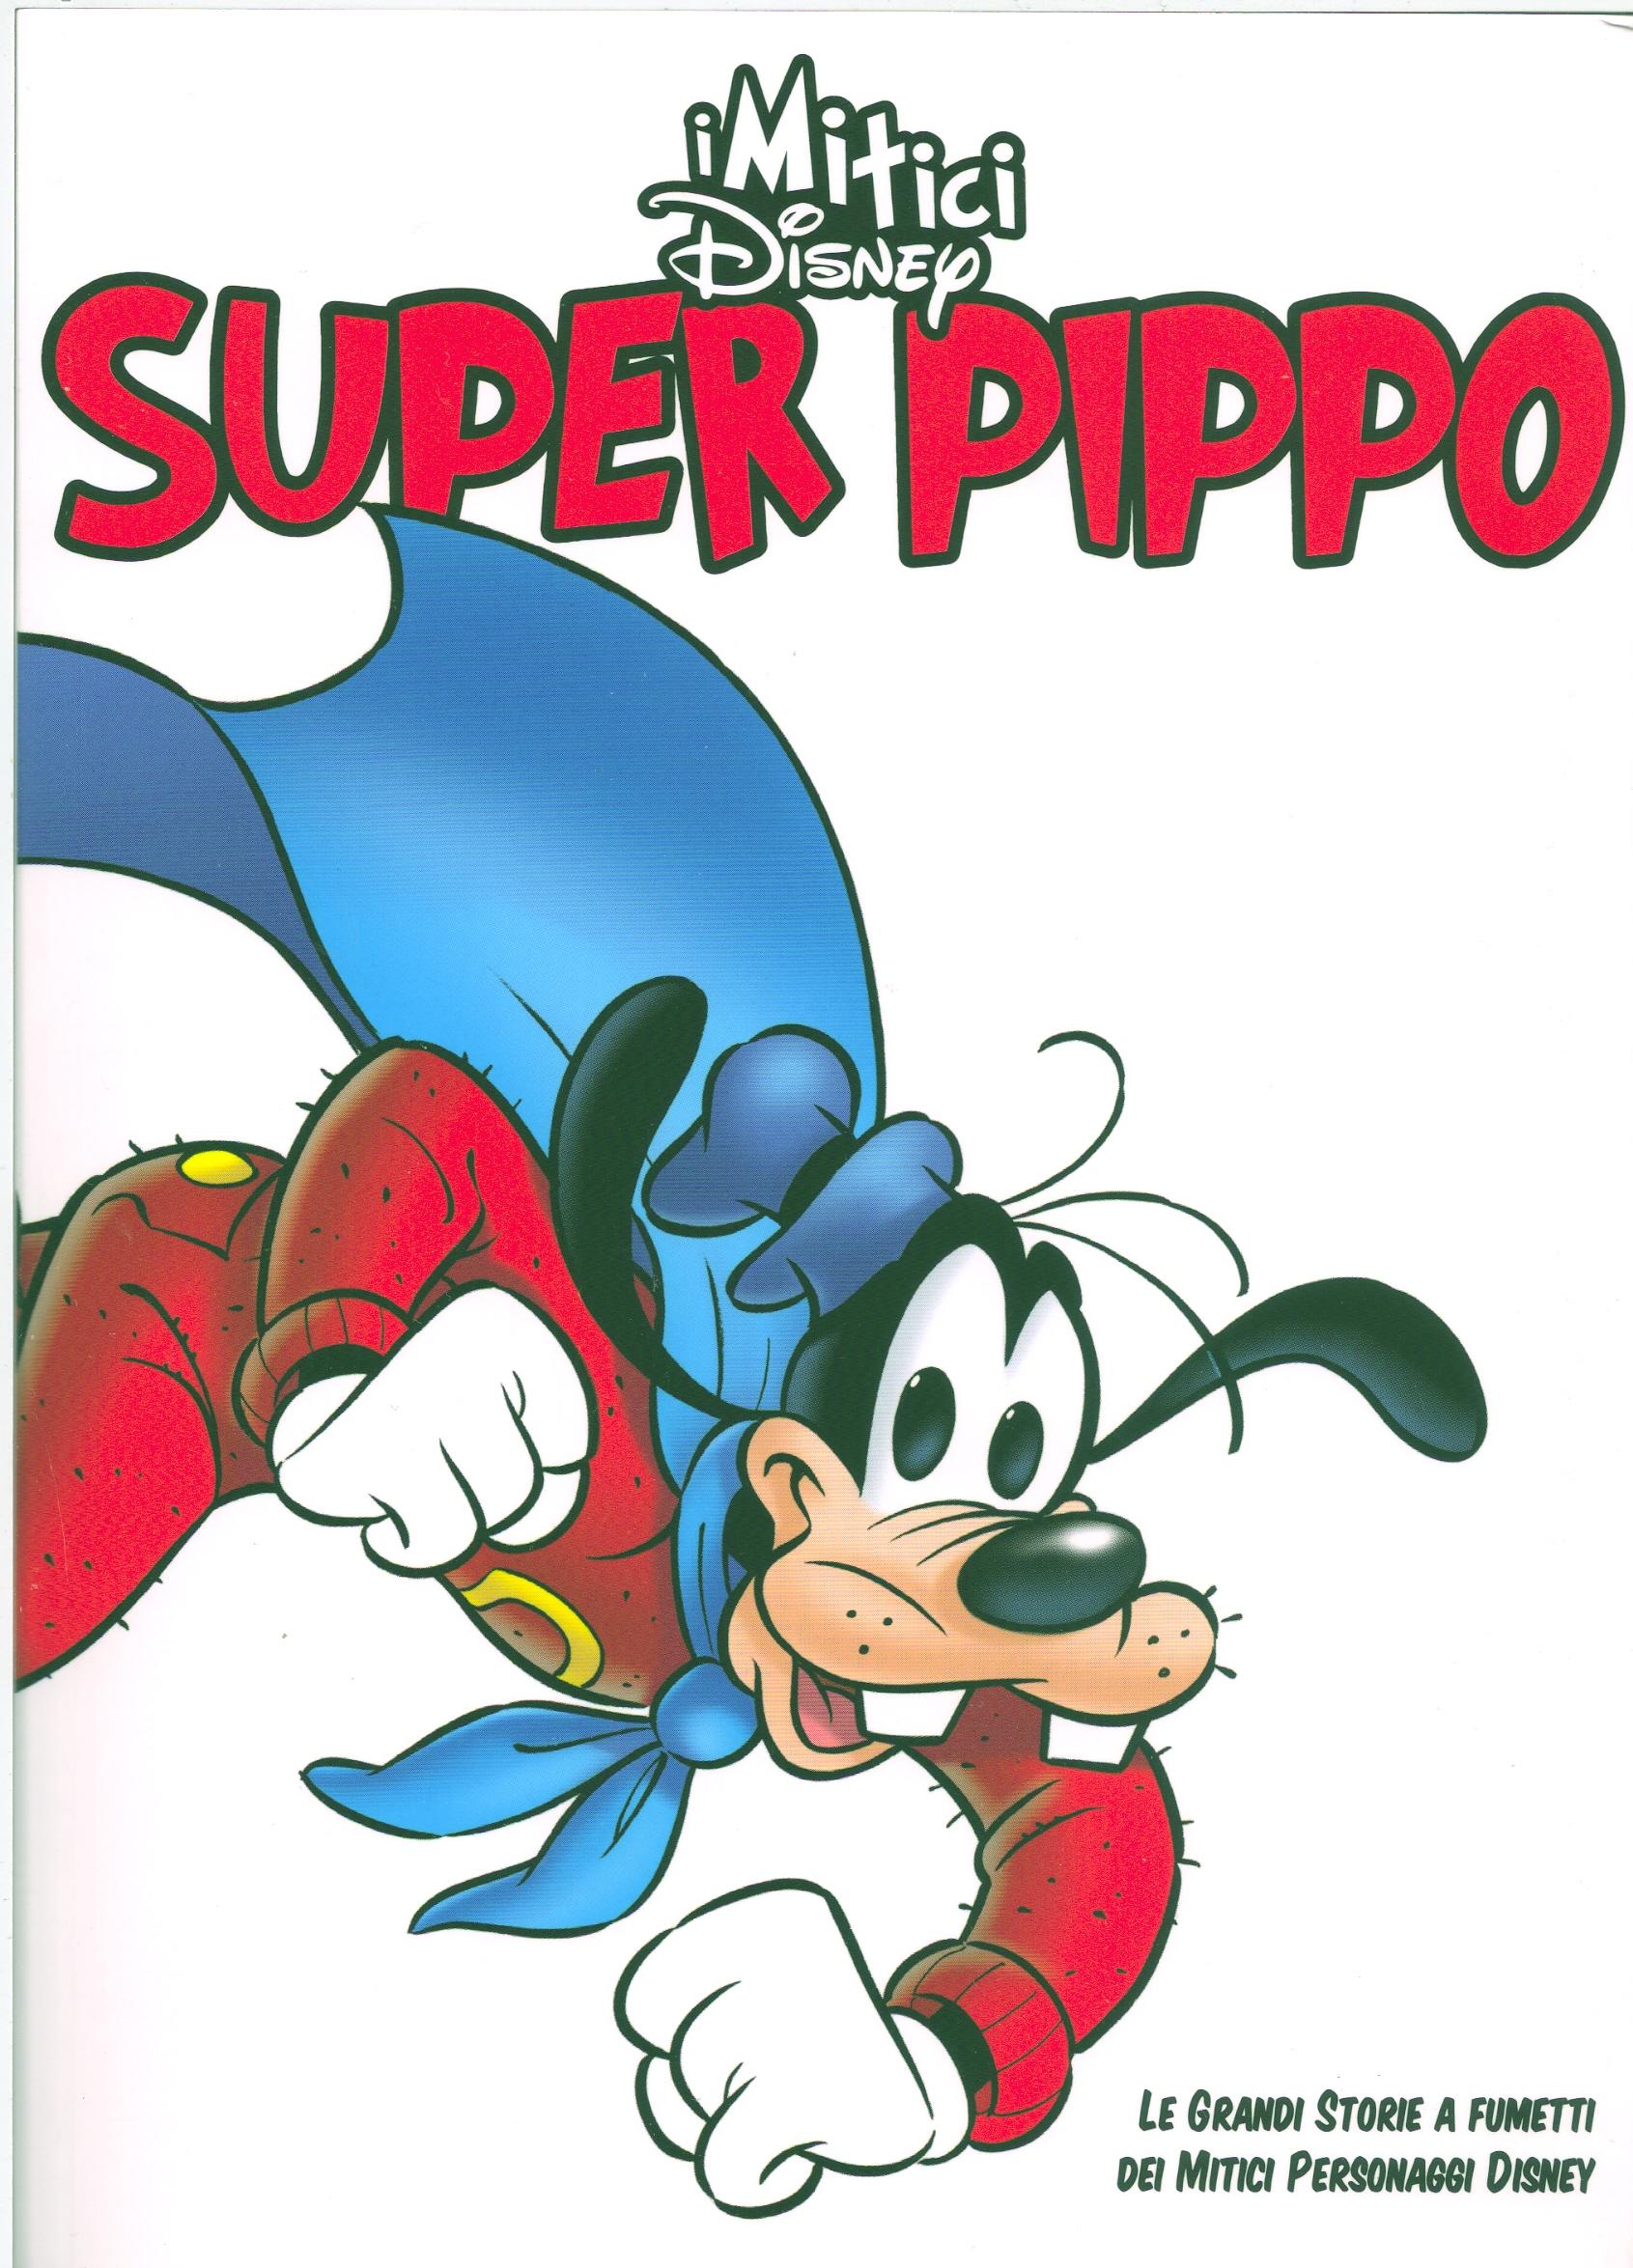 Super Pippo